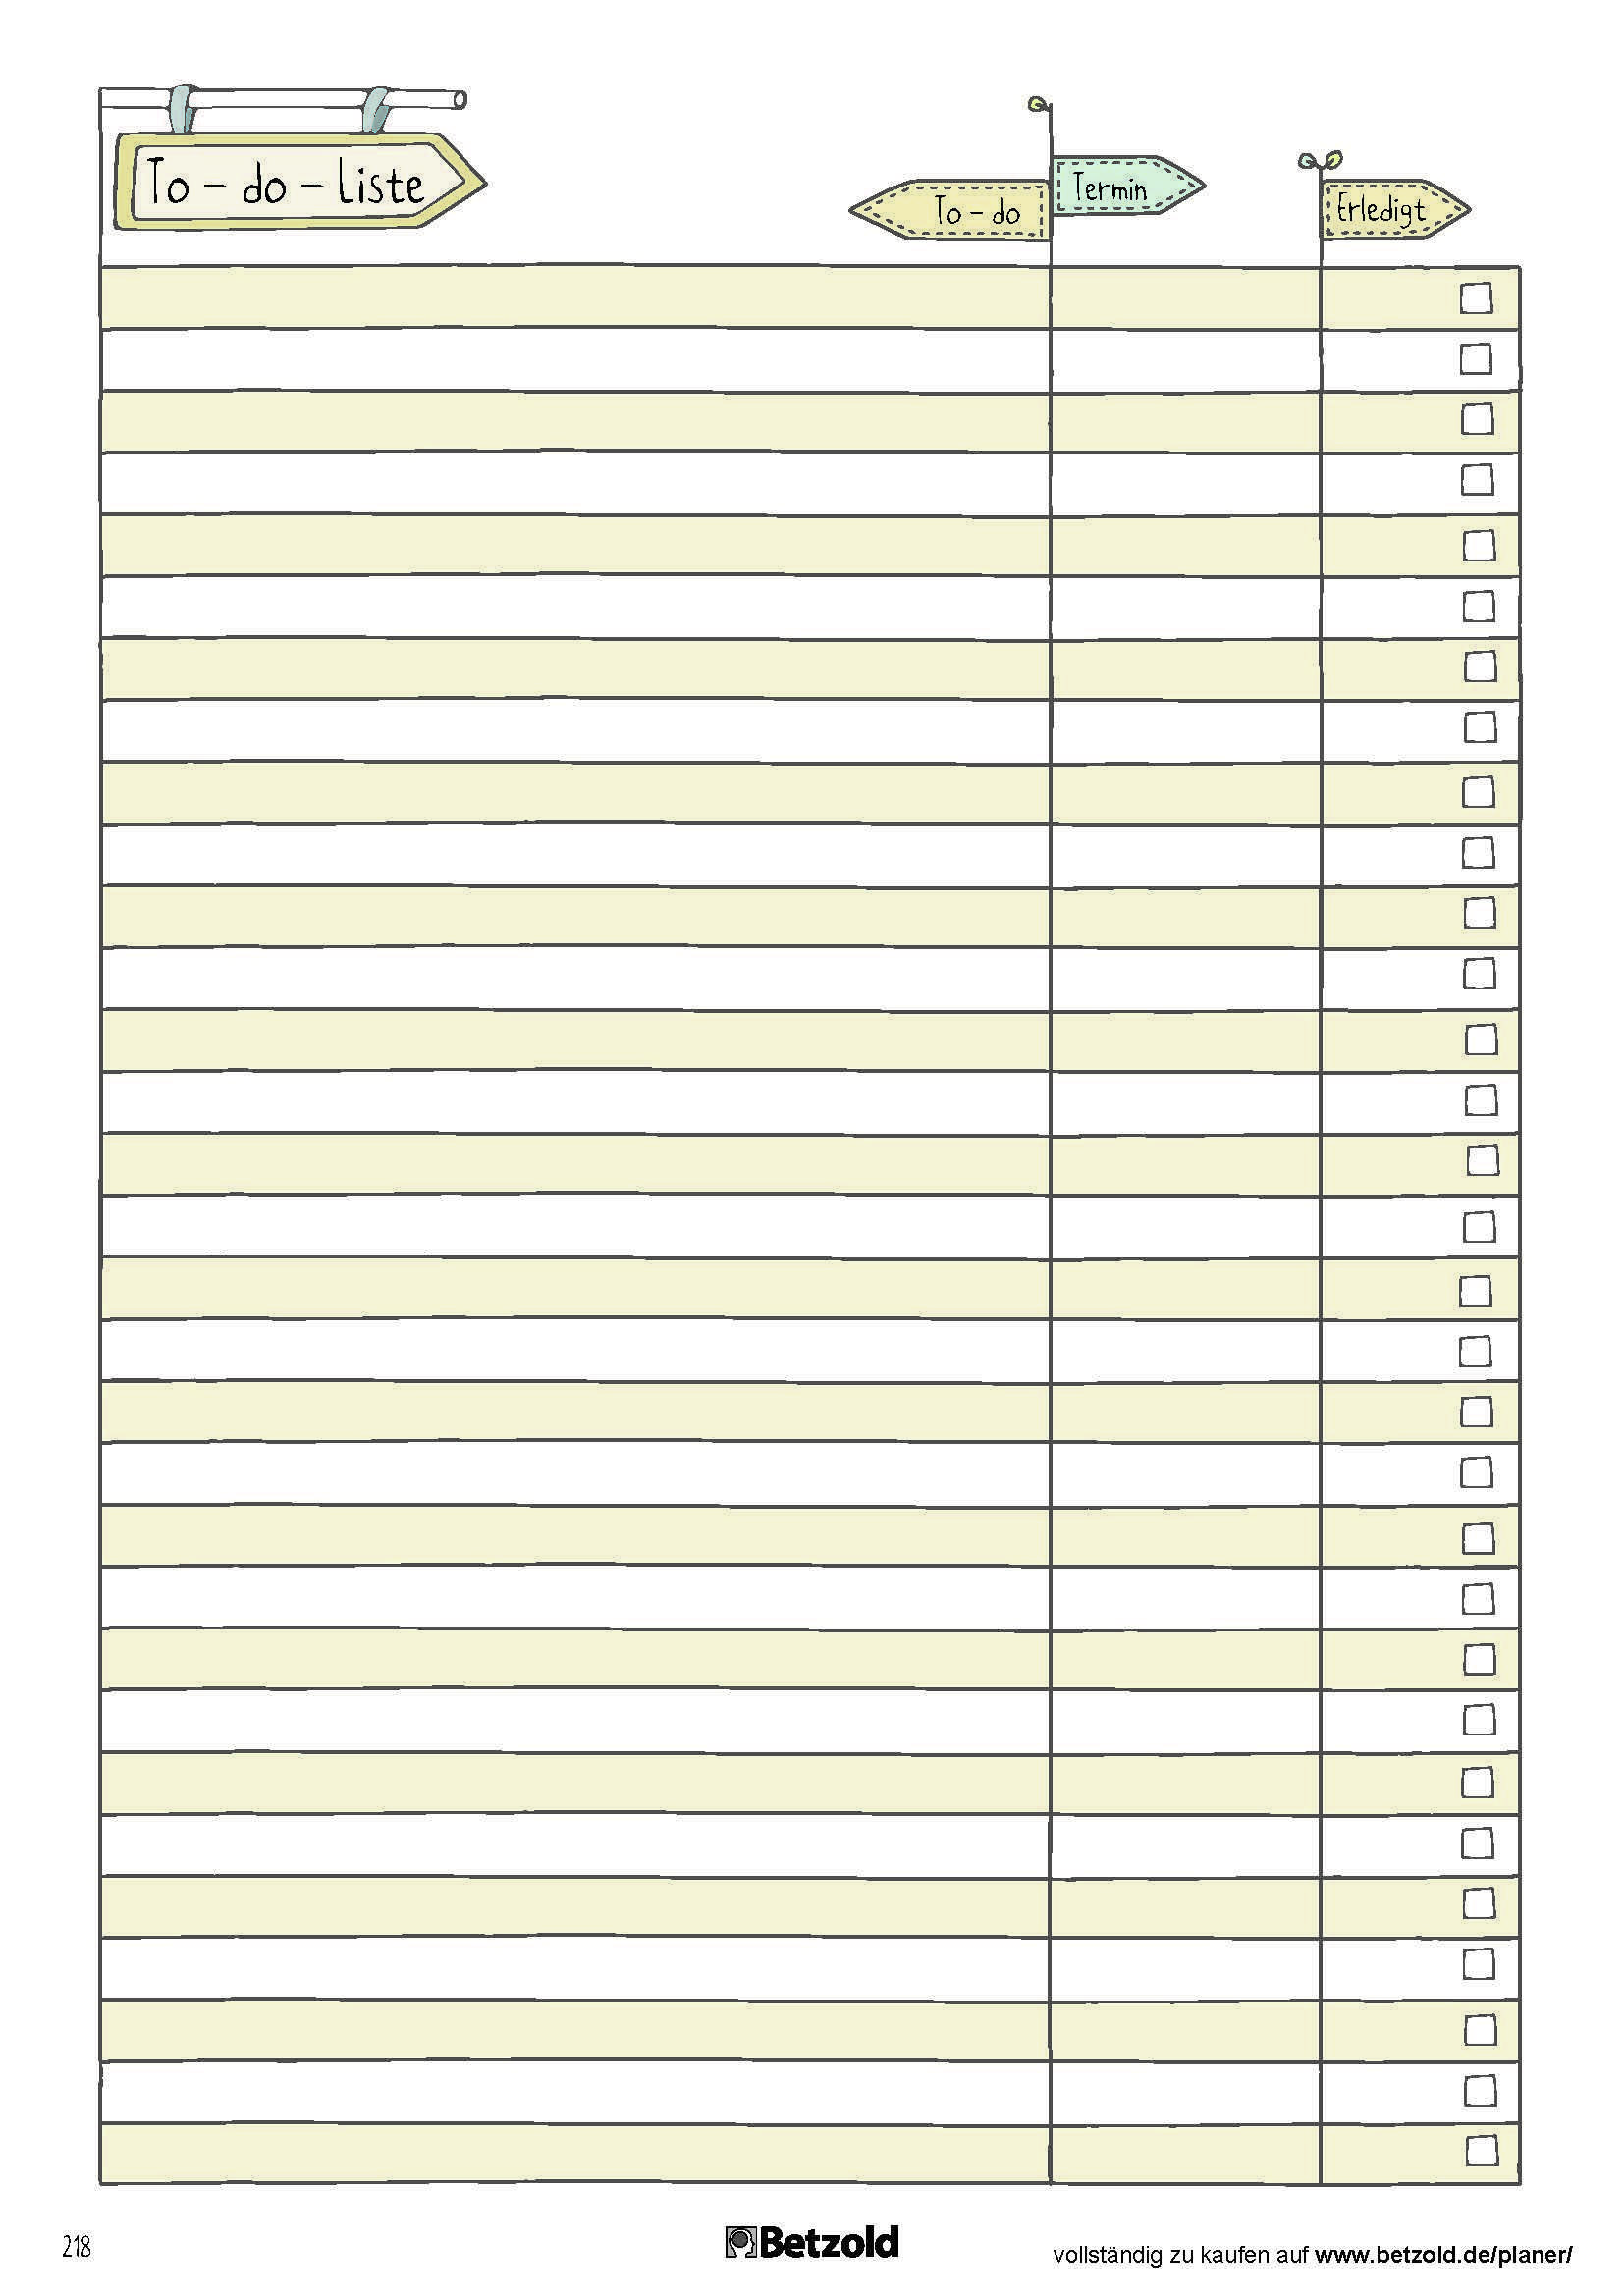 To Do Liste Kostenlos Ausdrucken Kalender Zum Ausdrucken Planer Vorlagen To Do Liste